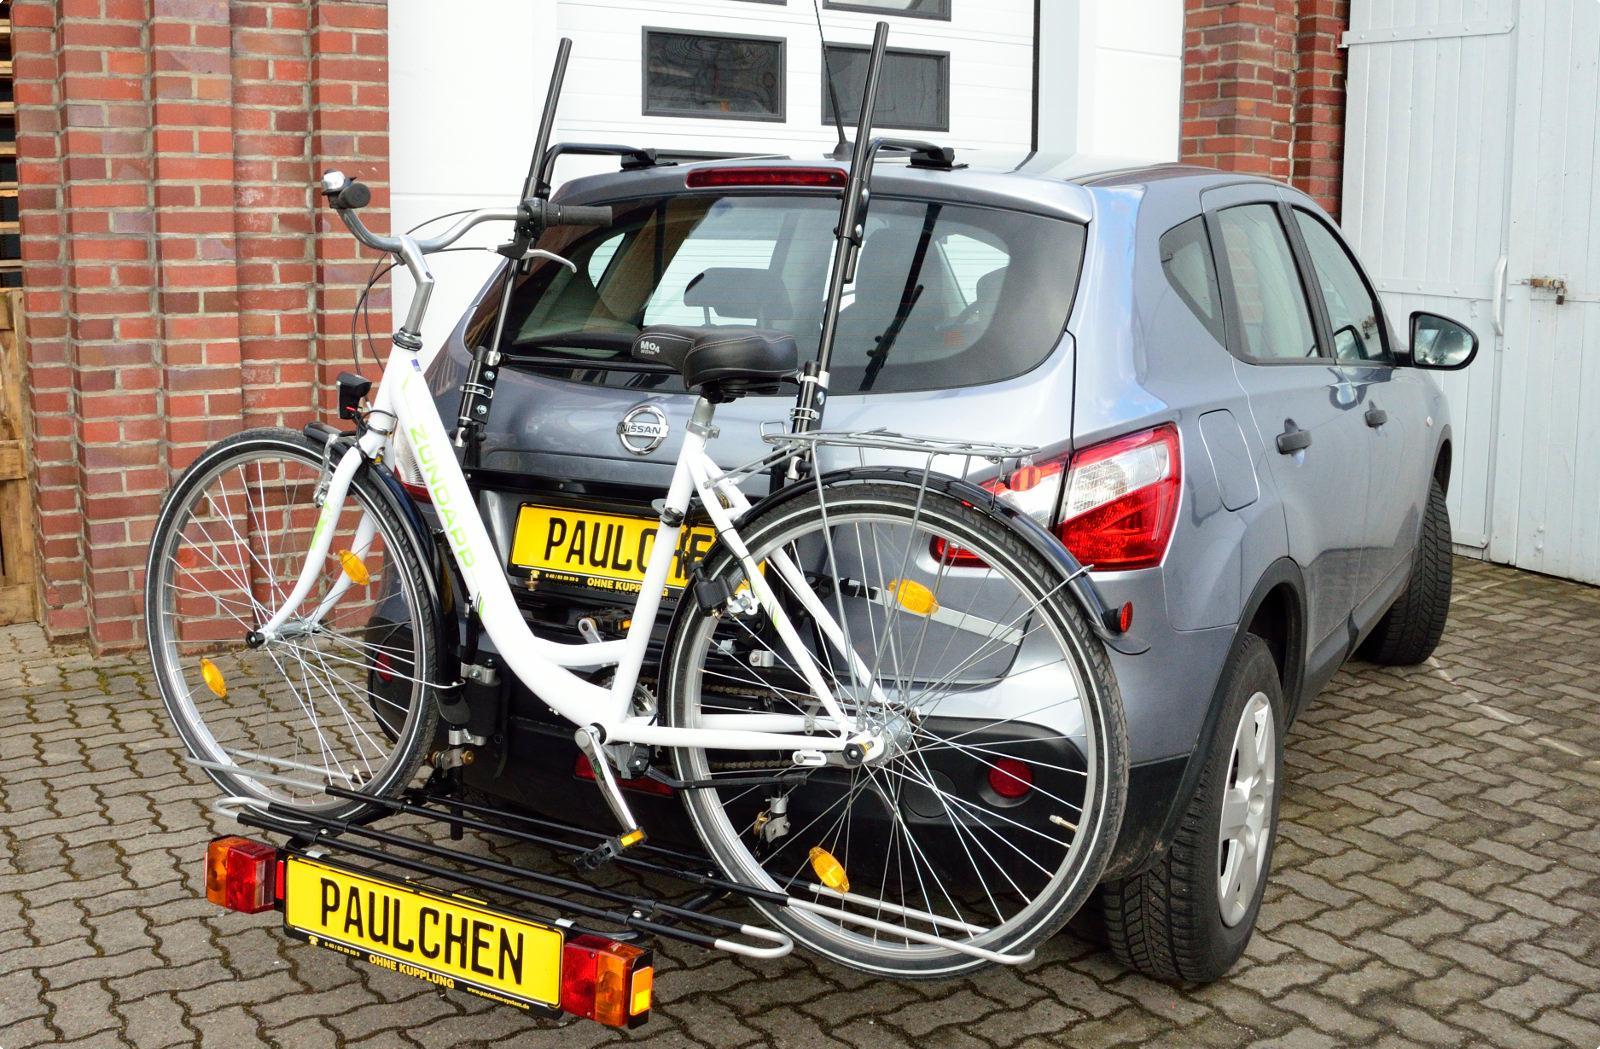 nissan qashqai facelift fahrradträger am heck - paulchen heckträger